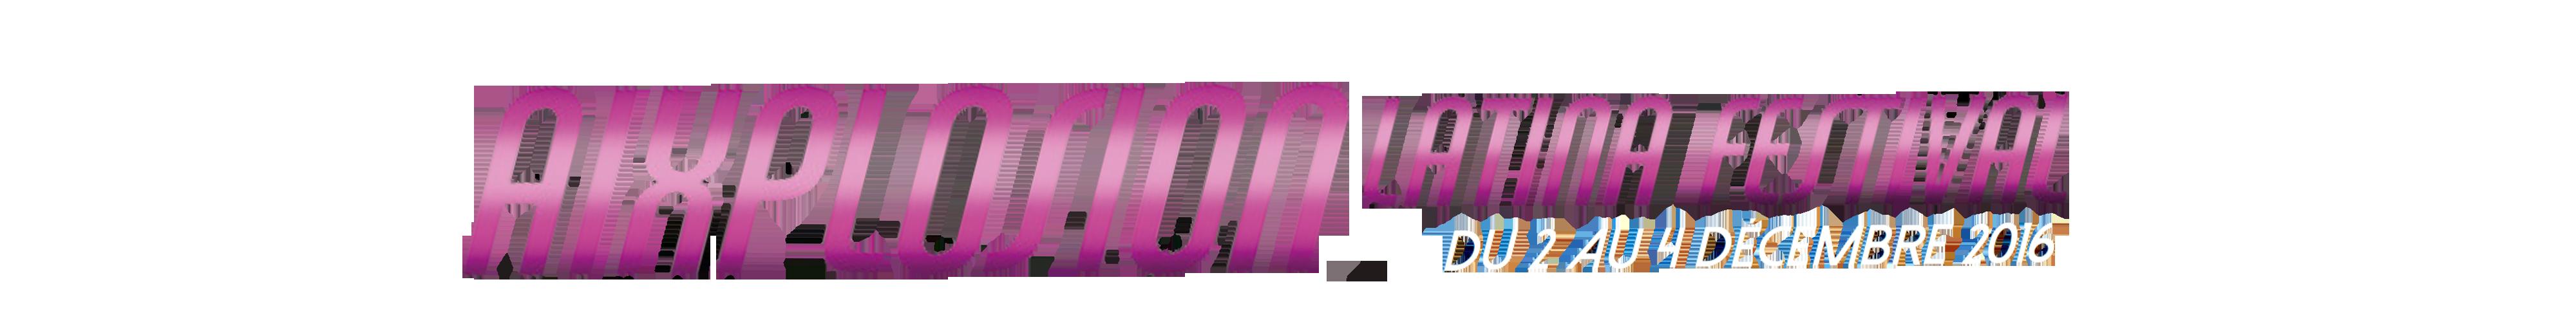 logo-aixplosionlatina